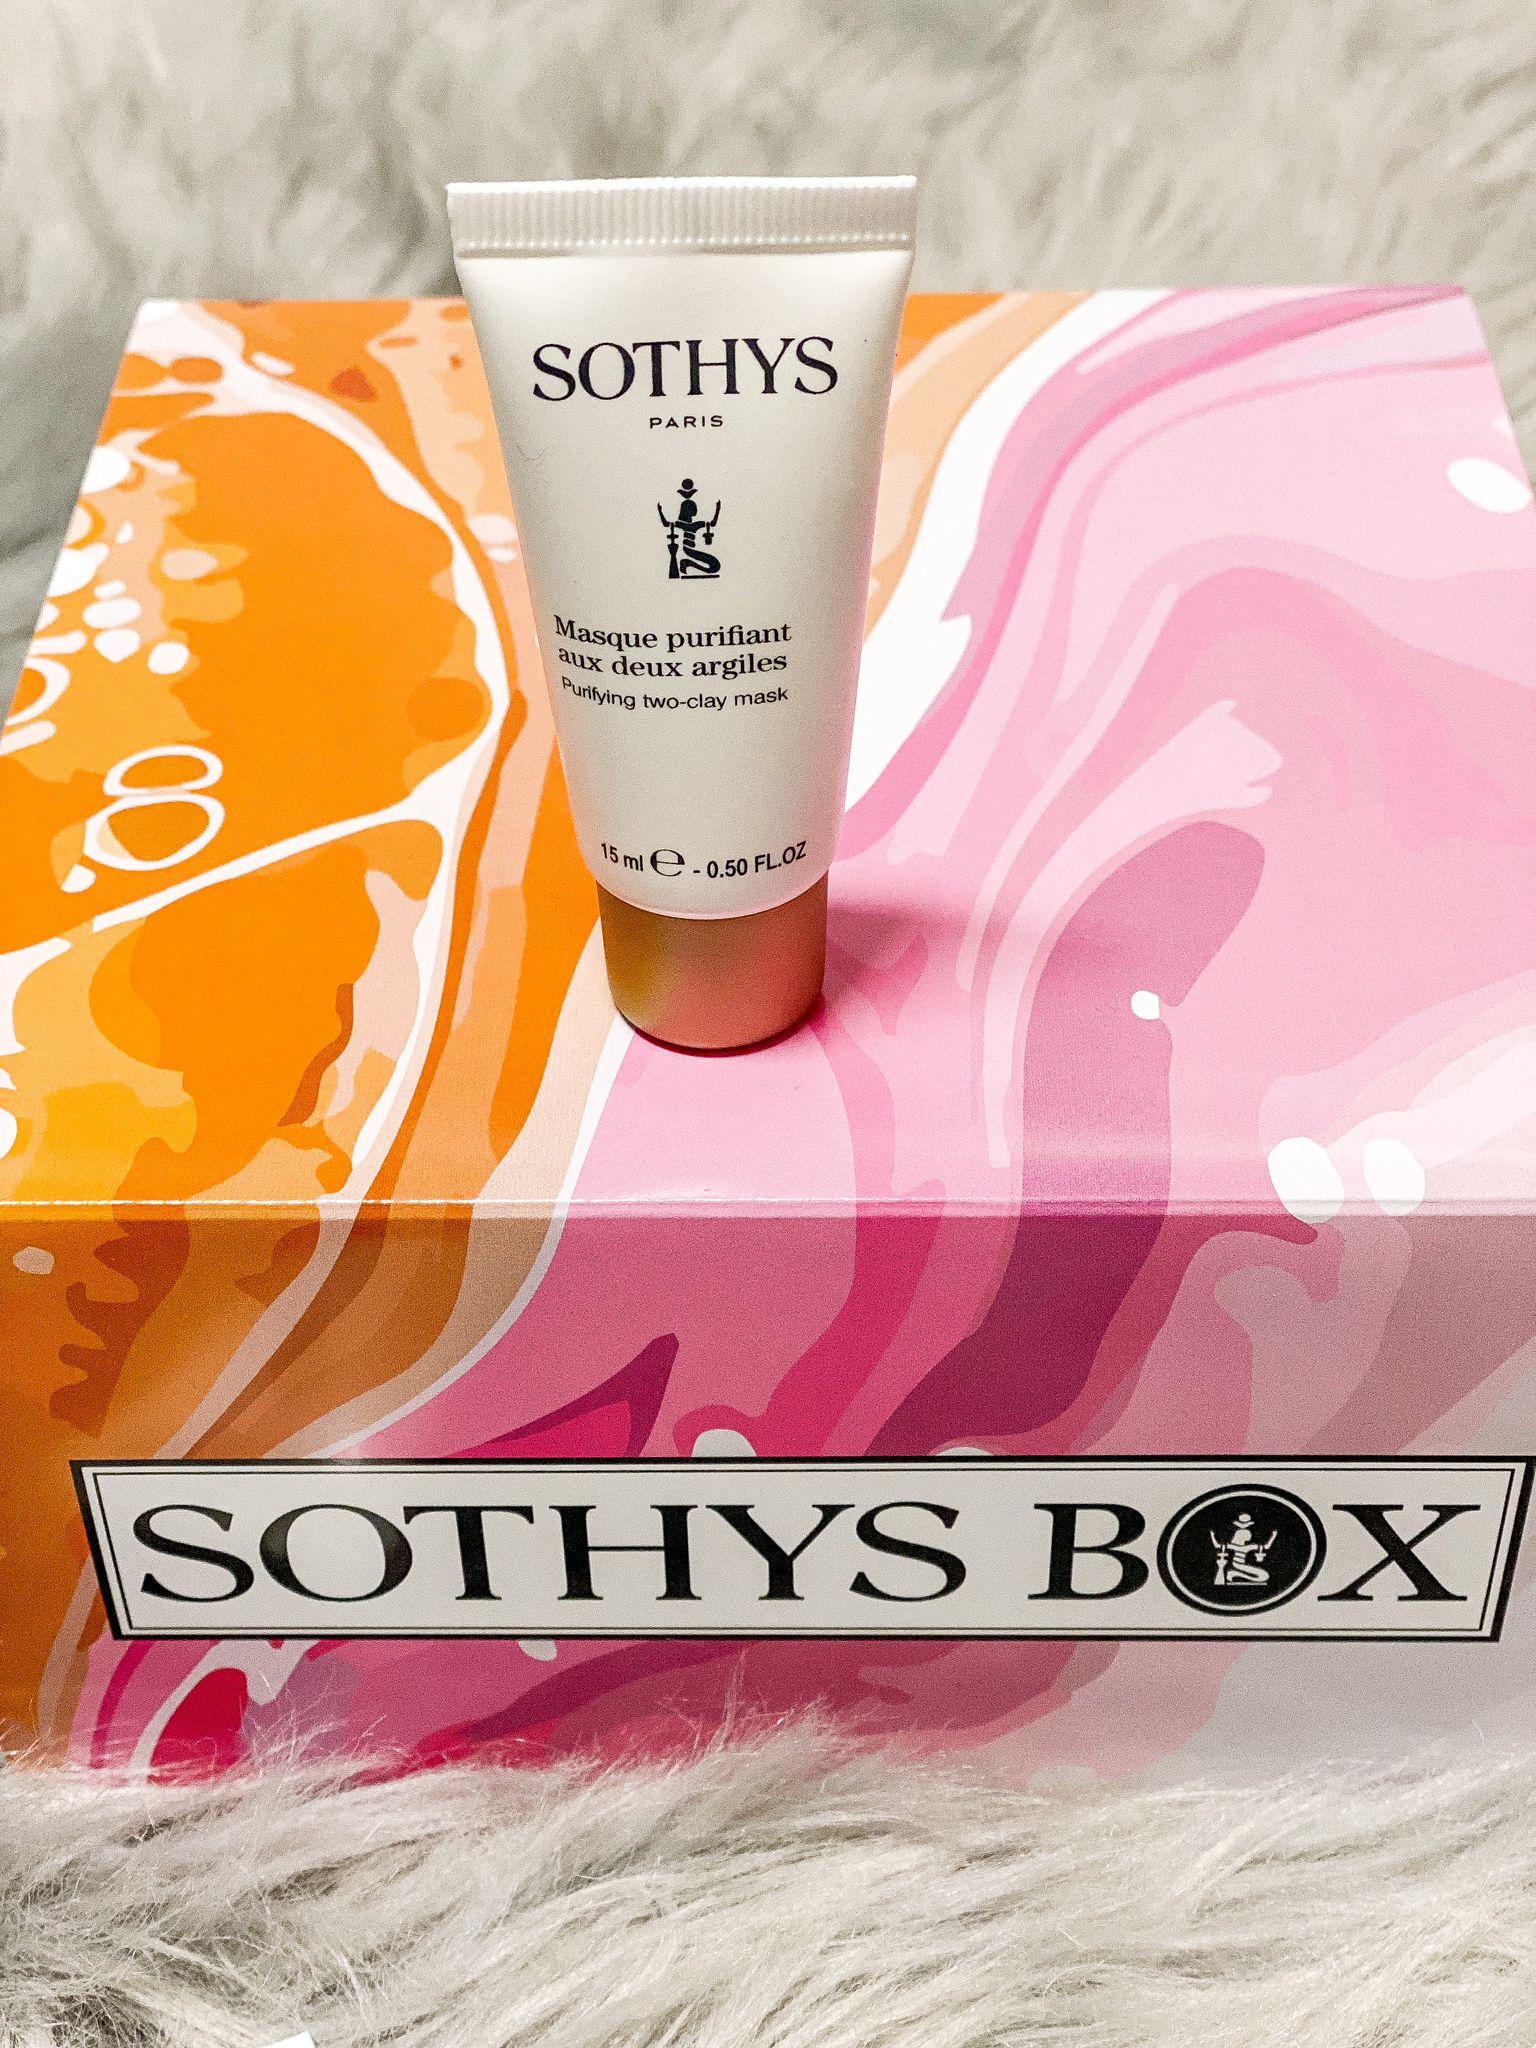 Sothys Box Herbst 2021